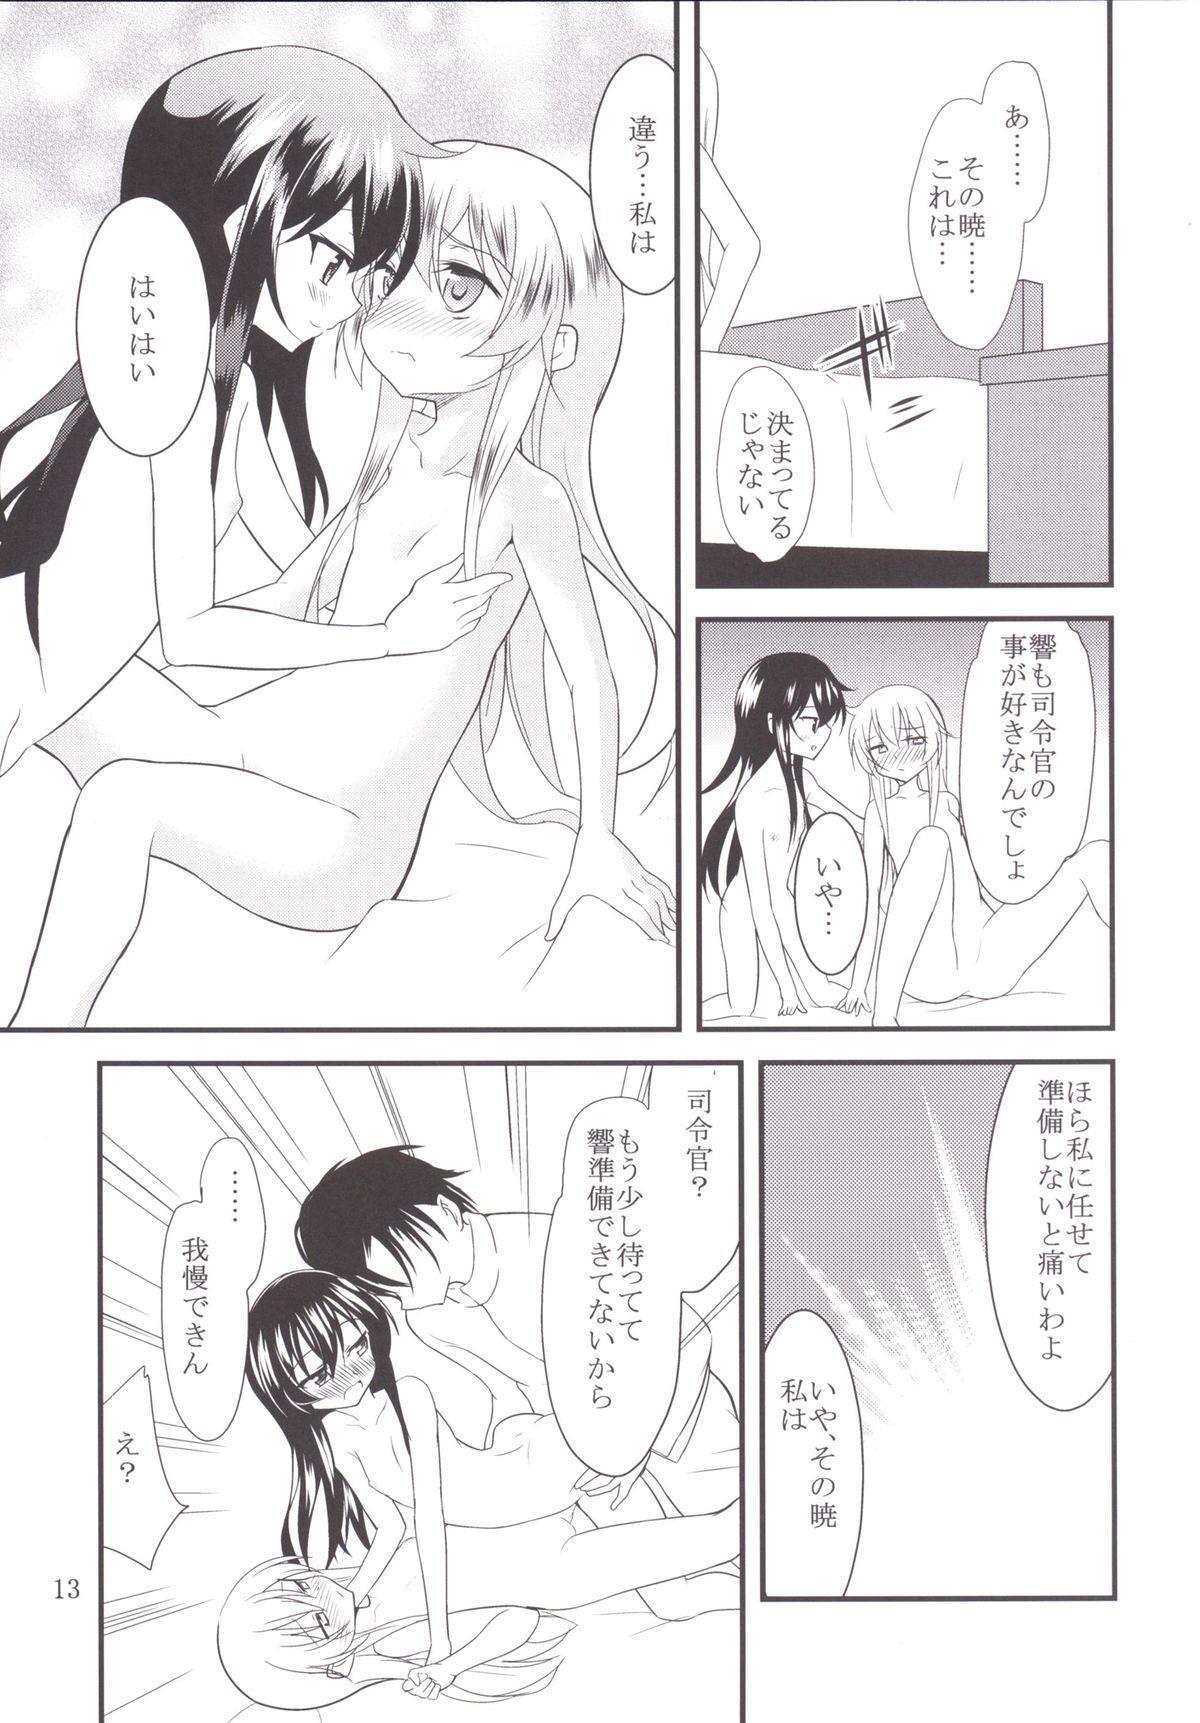 Hibiki to Akatsuki 11